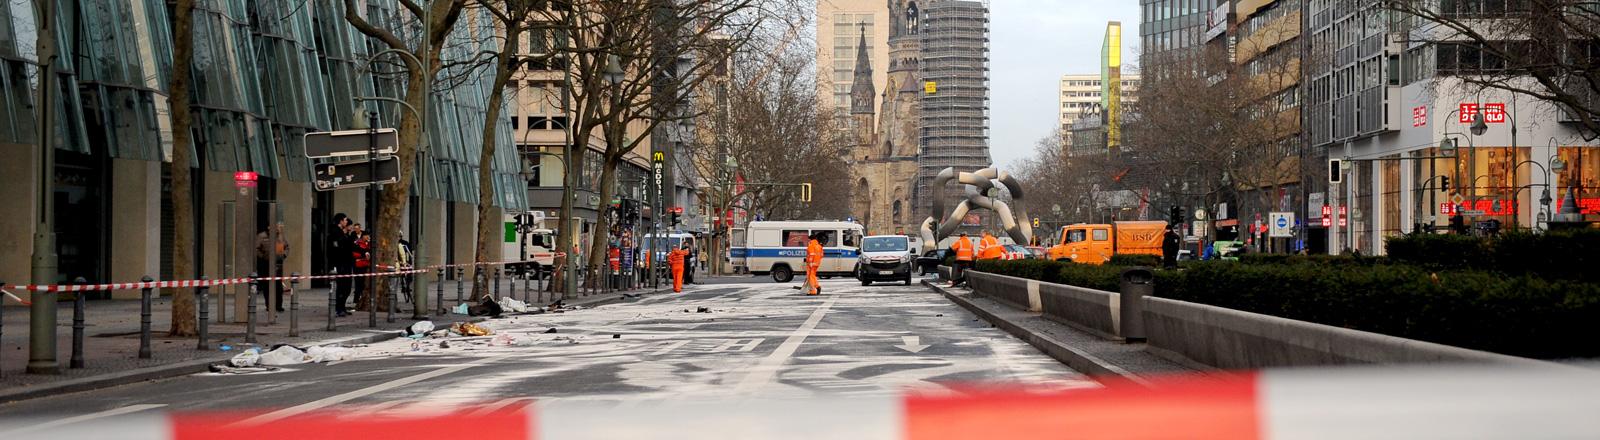 Unfallort Berliner Ku' Damm